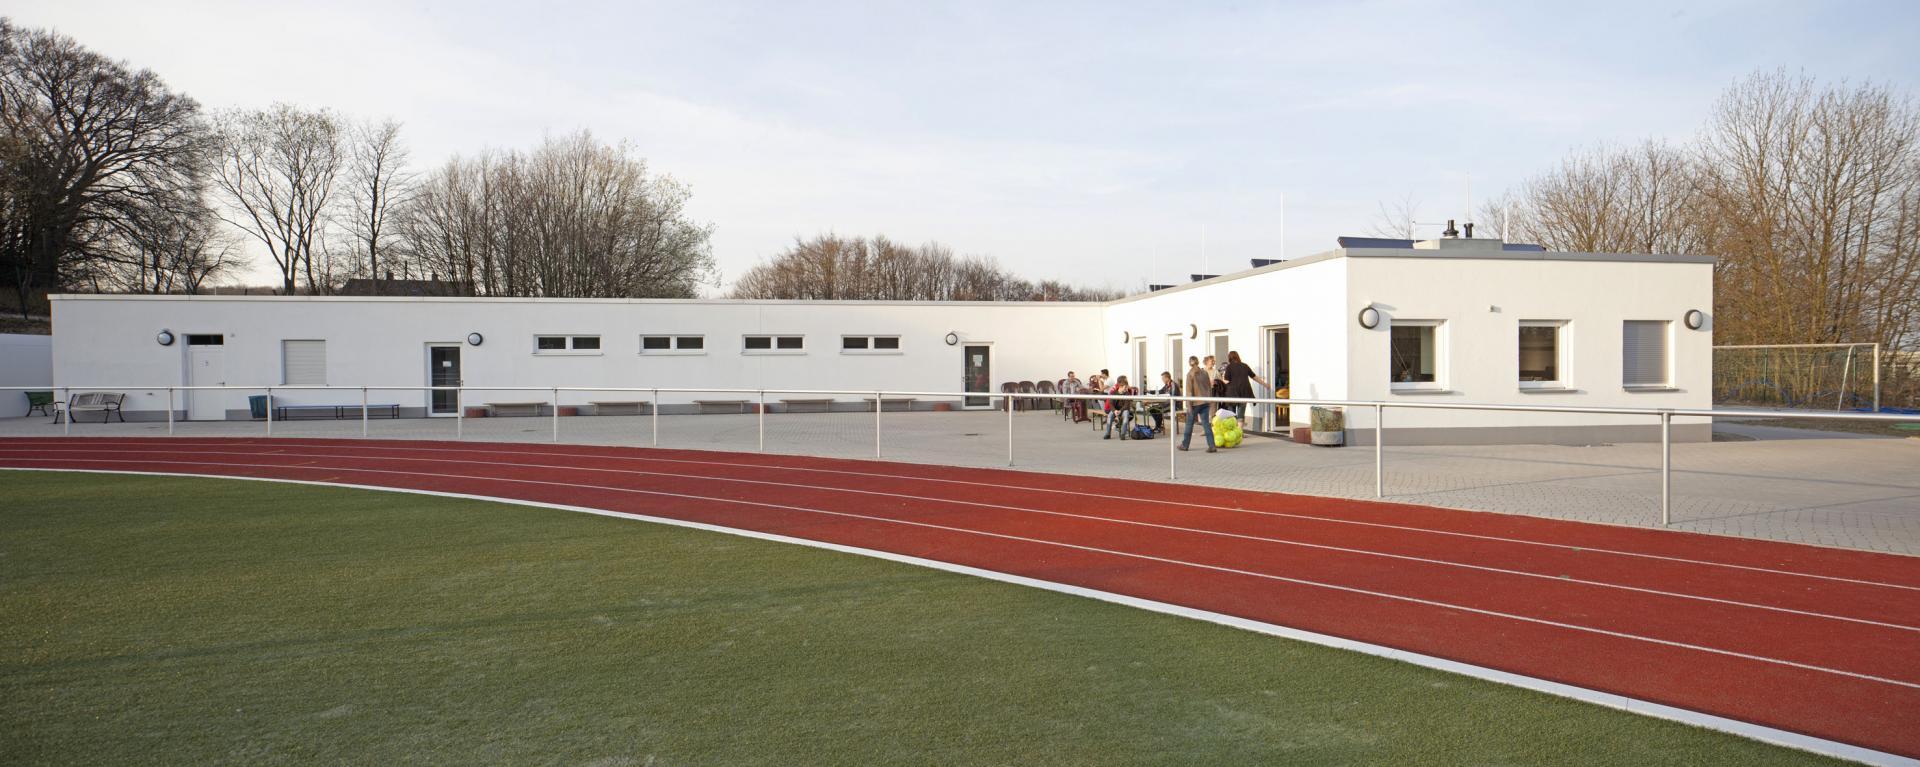 Sportplatz Am Waldschlösschen_3